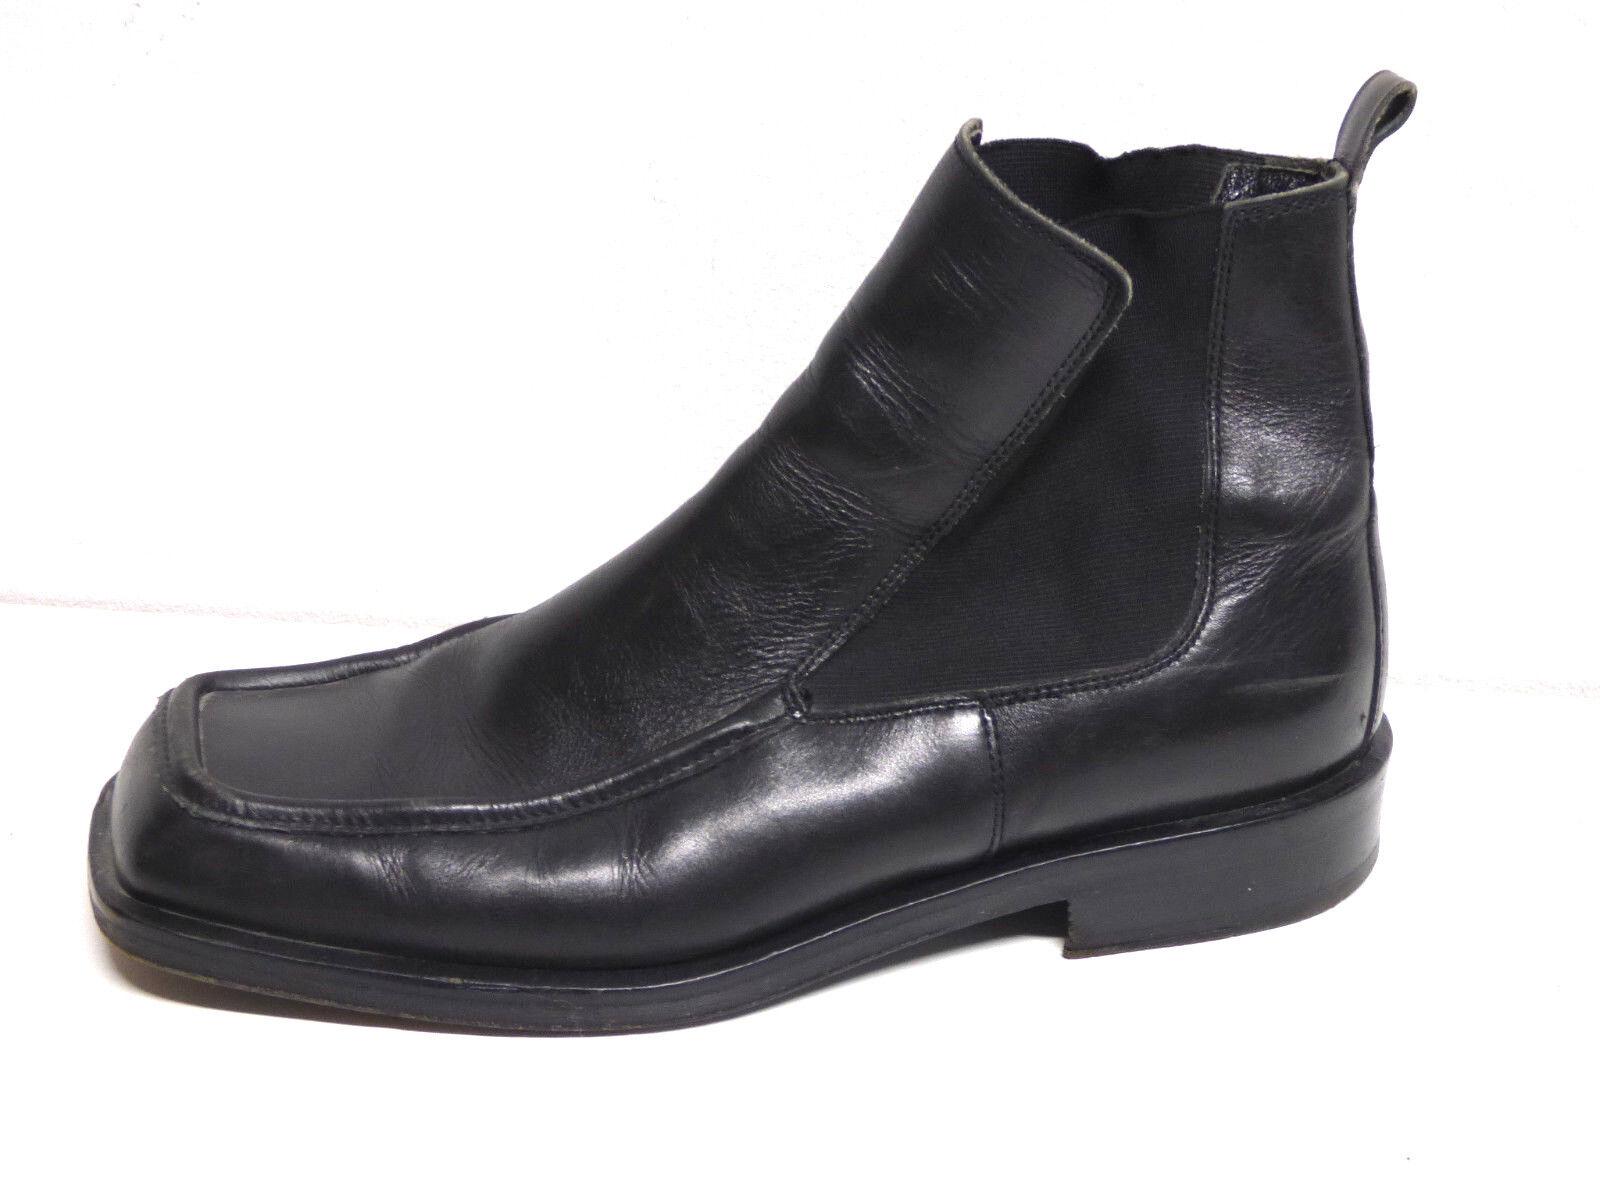 KENZO HERREN LEDER SCHUHE SCHUHE SCHUHE Stiefel GR 43,5 - DE   SCHWARZ & TREND    ( P 5671 )  bis zu 80% sparen